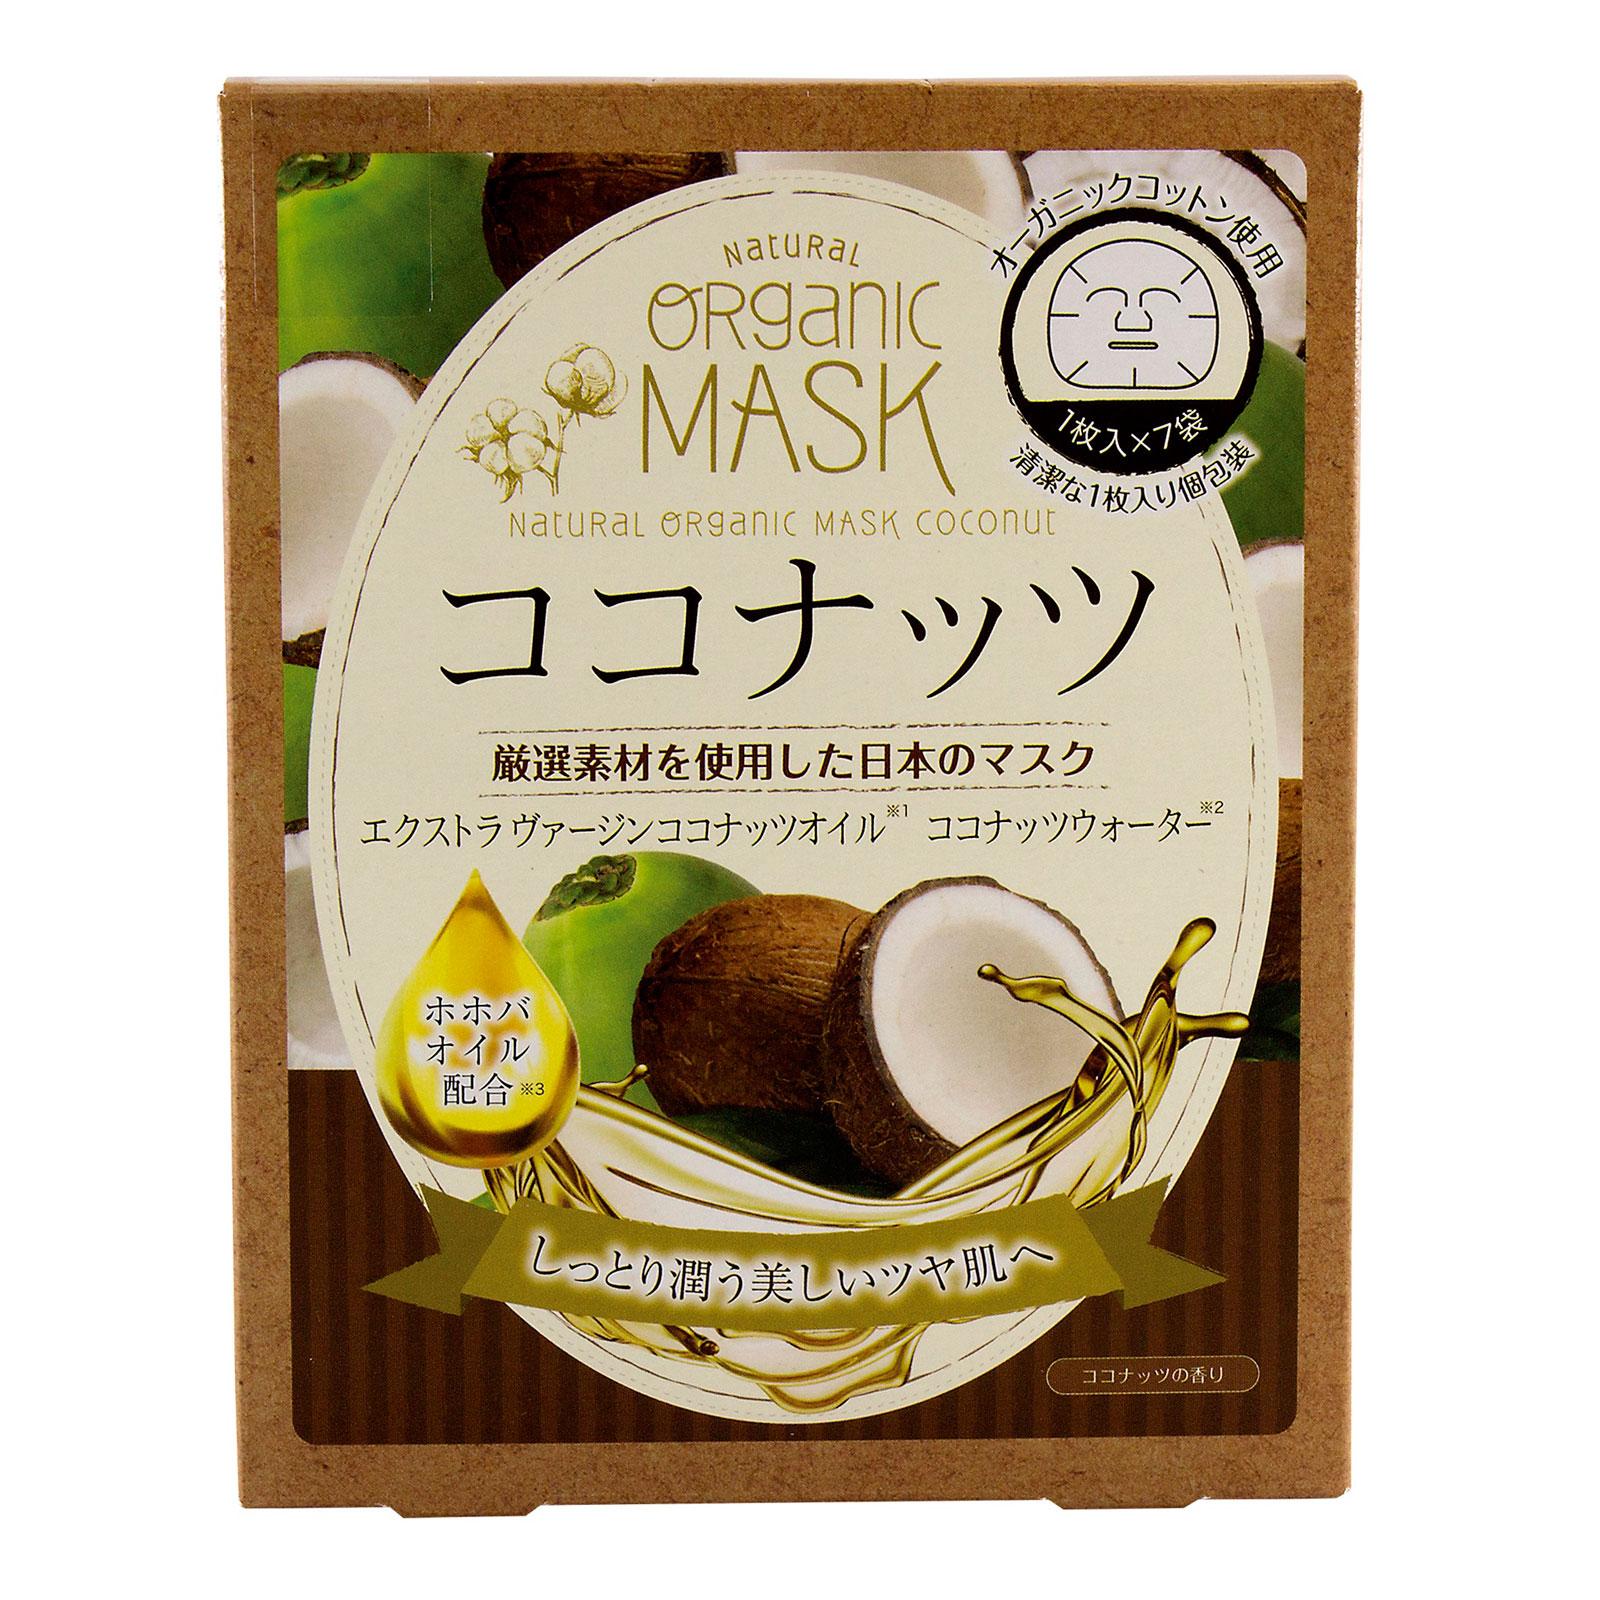 Органическая маска для лица Japan Gals с экстрактом кокоса 1 шт<br>